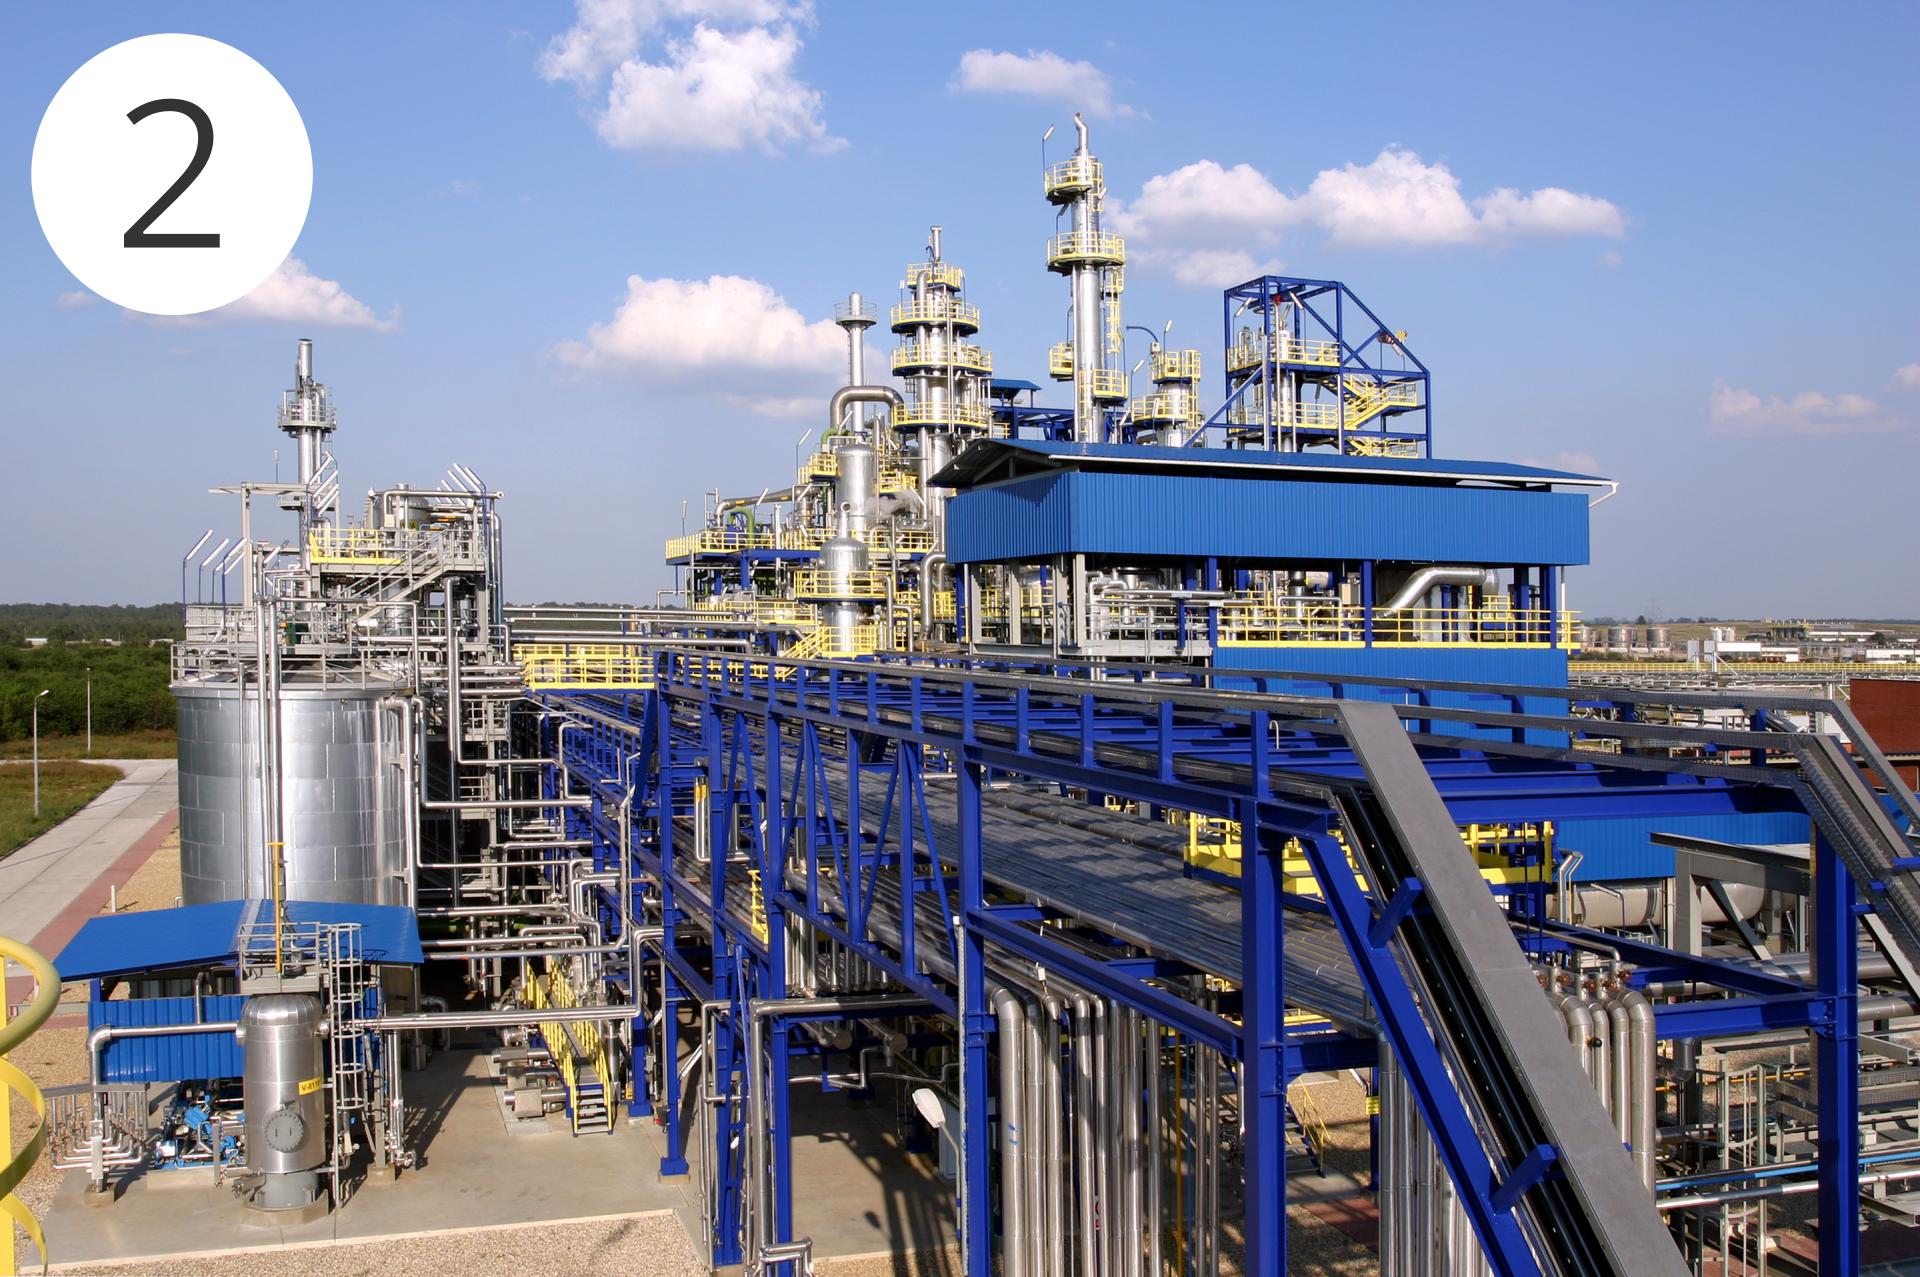 Pokaz slajdów przedstawiający złoża saletry oraz zakłady azotowe